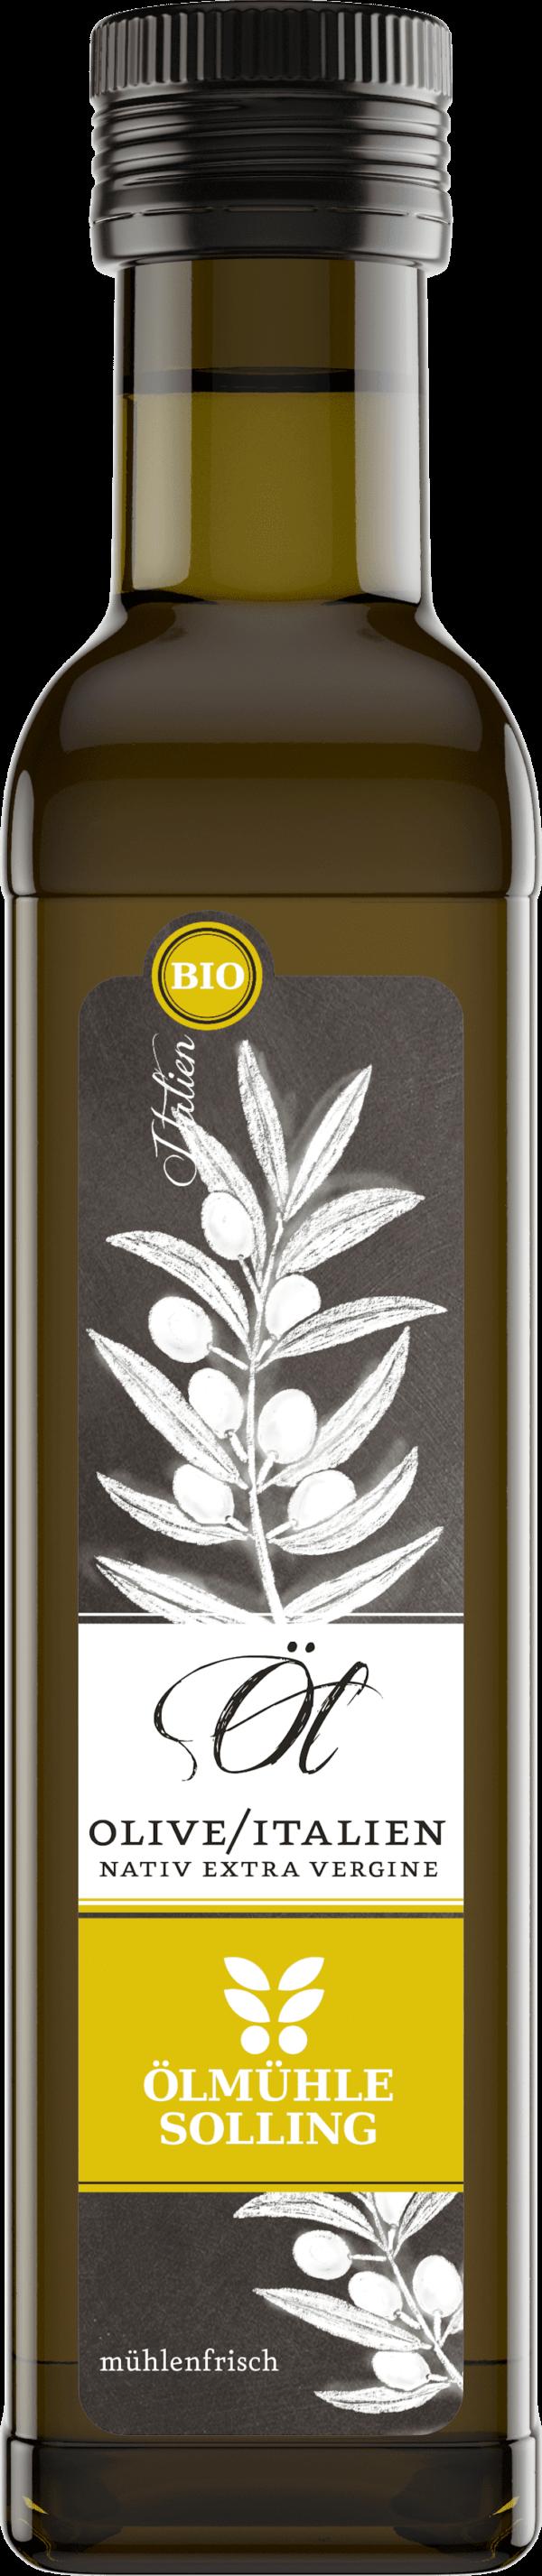 Olivenöl/Italien 250 ml von Ölmühle Solling